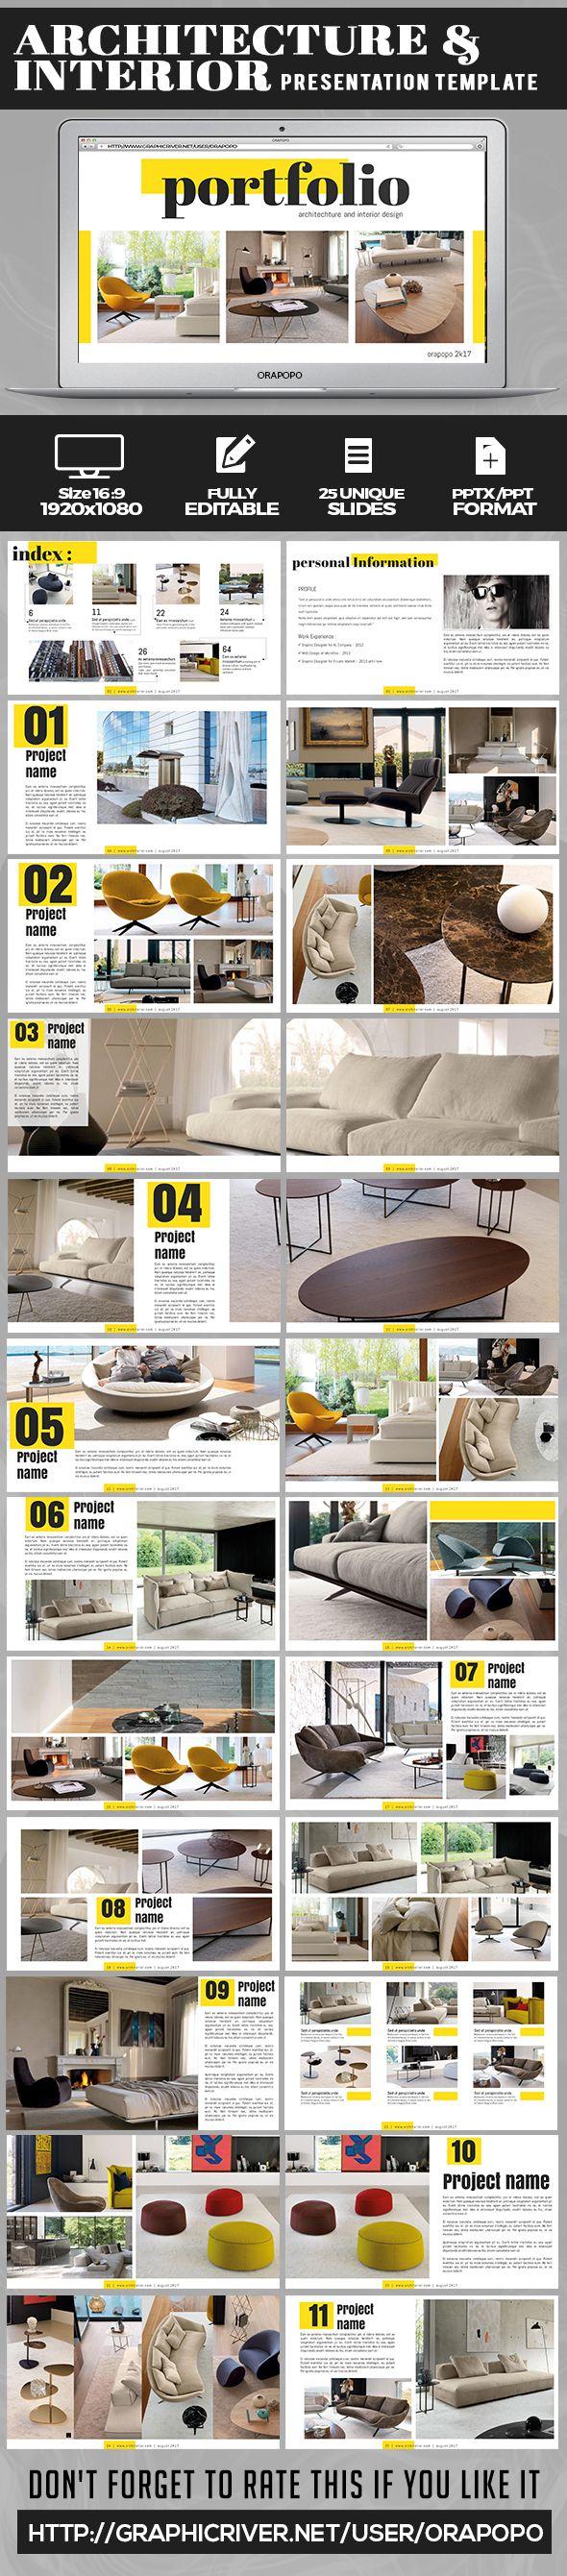 Architecture And Interior Presentation